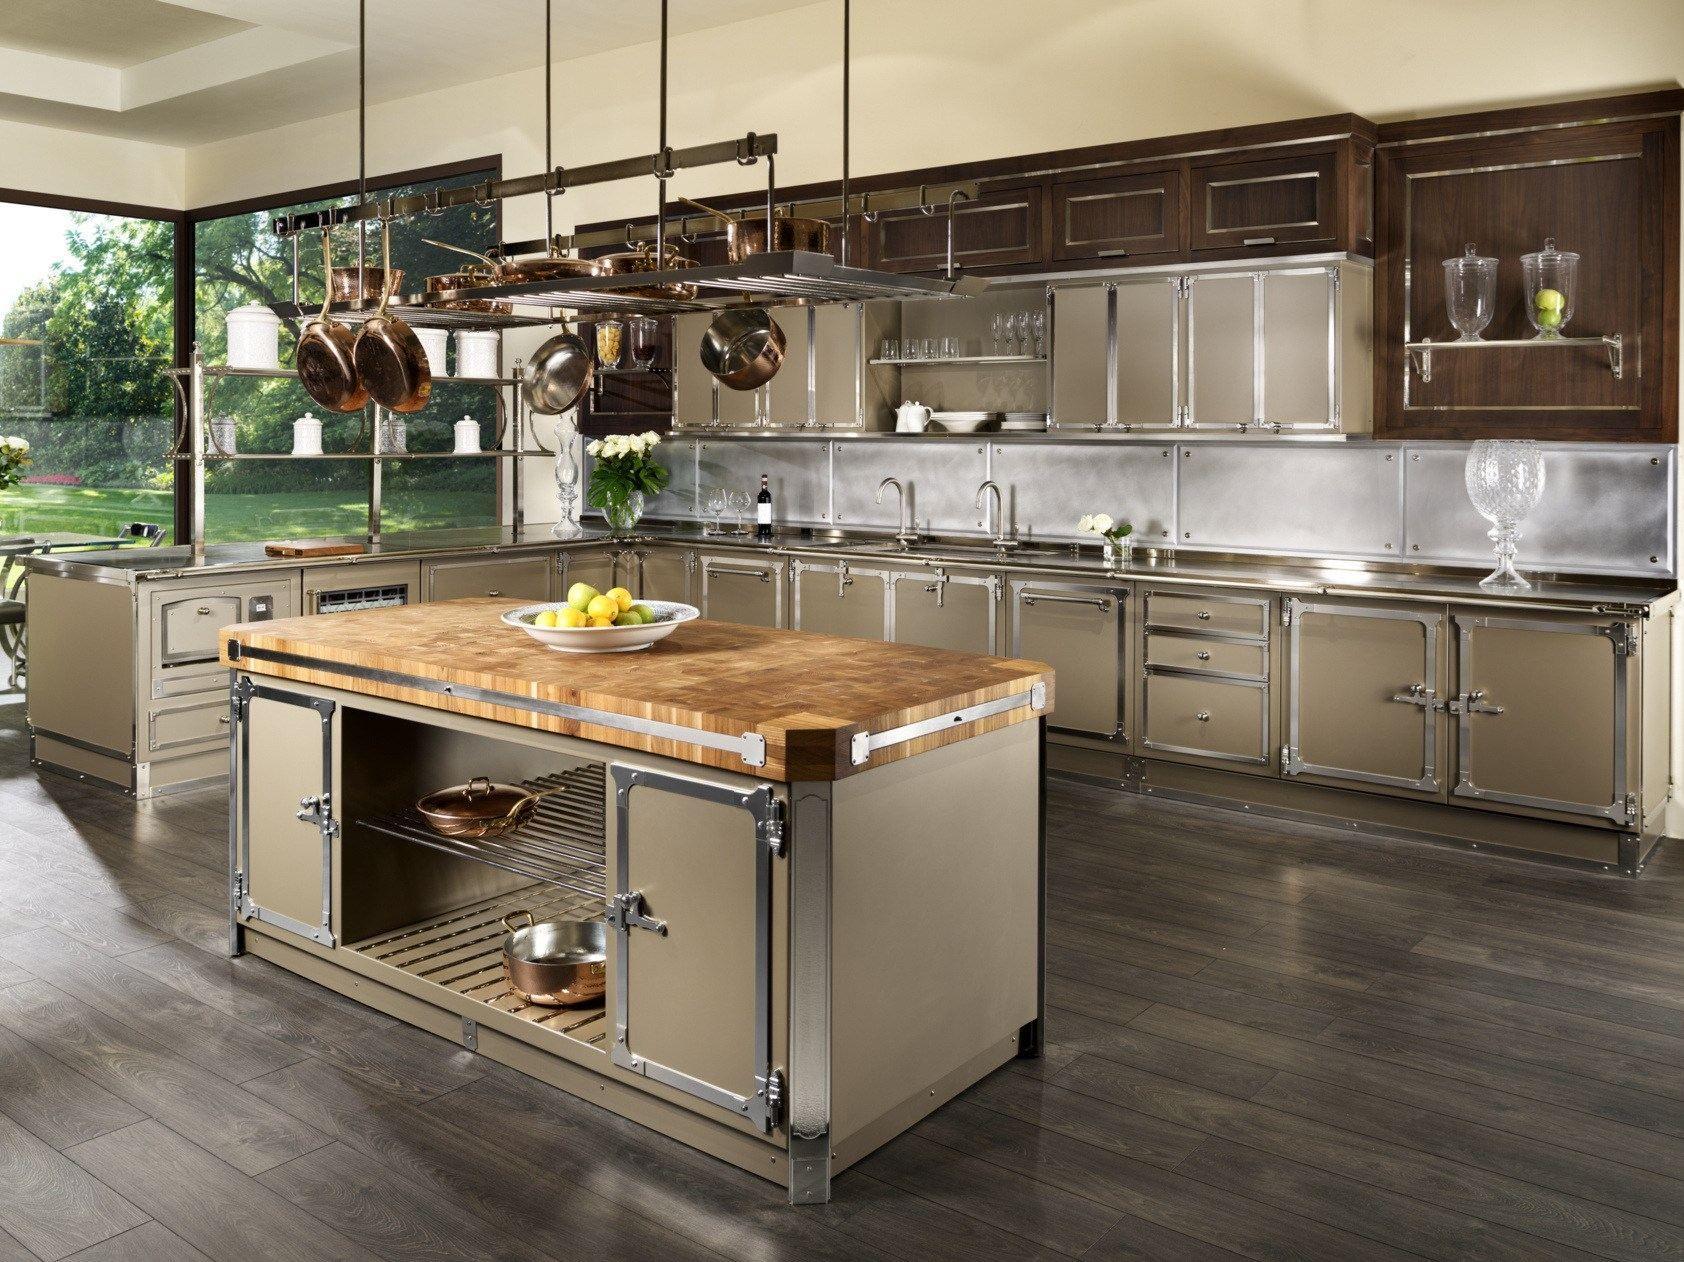 Cucina con isola avana pearl by officine gullo - Cucine professionali per casa ...